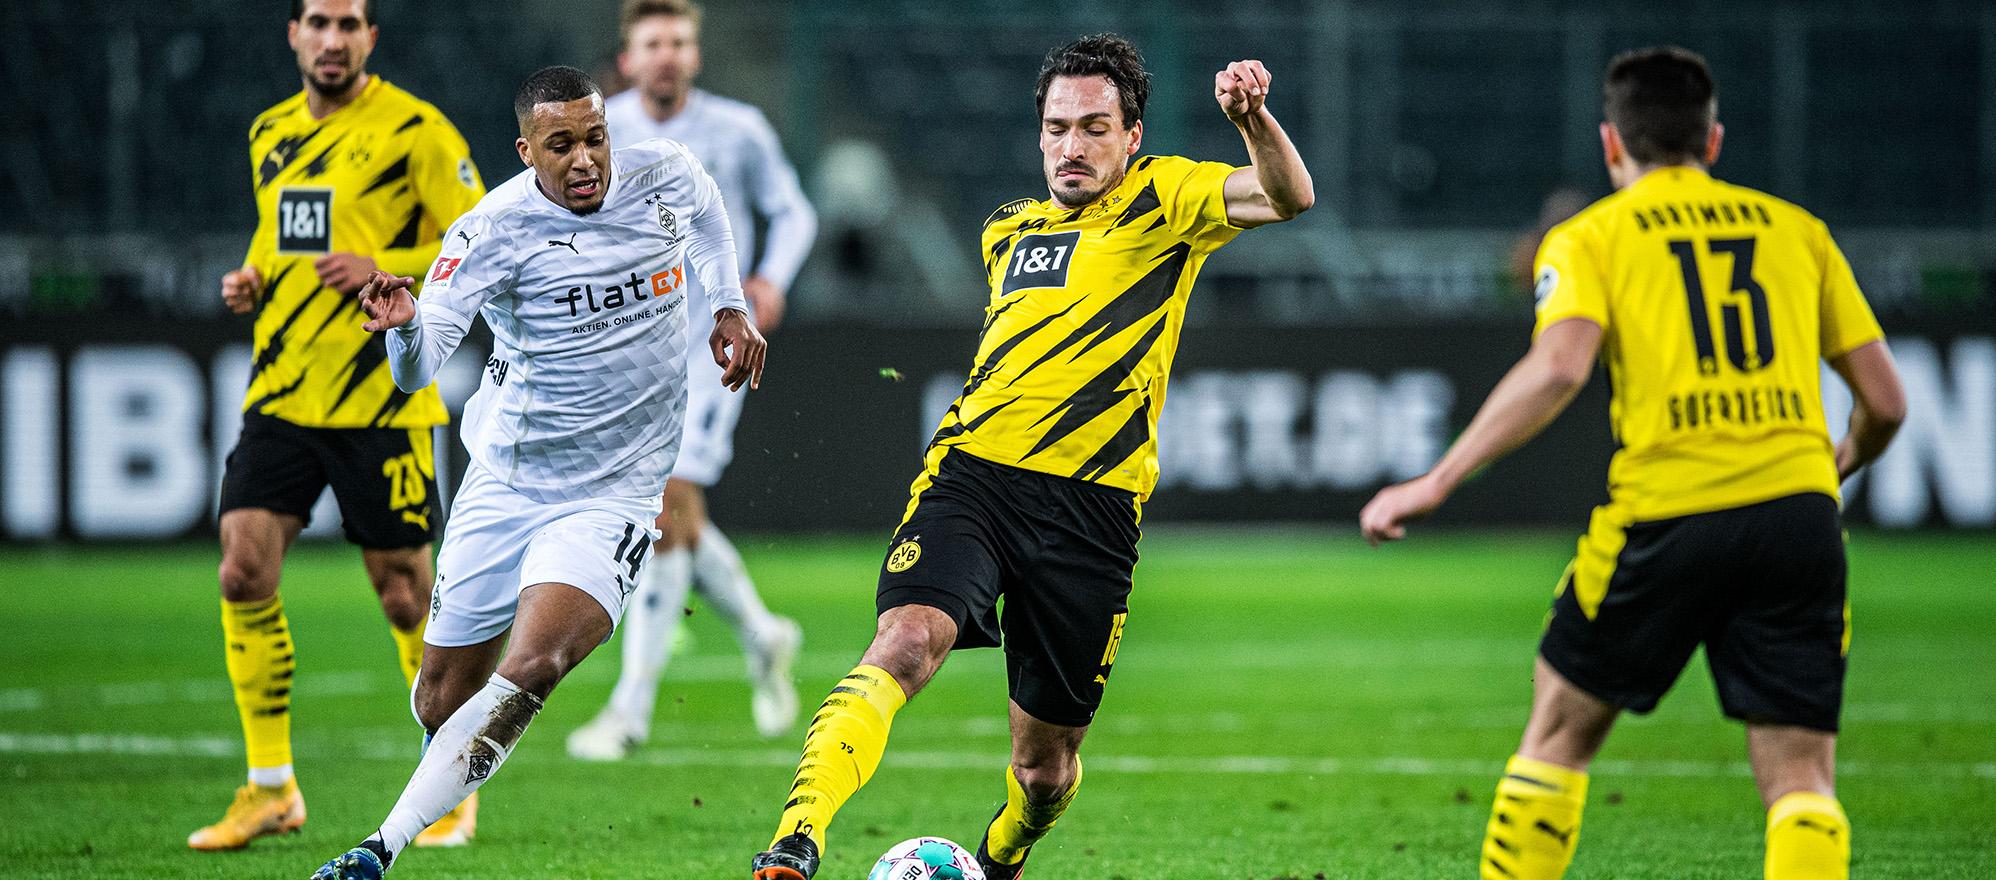 SPITCH-Vorschau zum 22. Spieltag: Mit Stars und Schnäppchen in die Gewinnzone